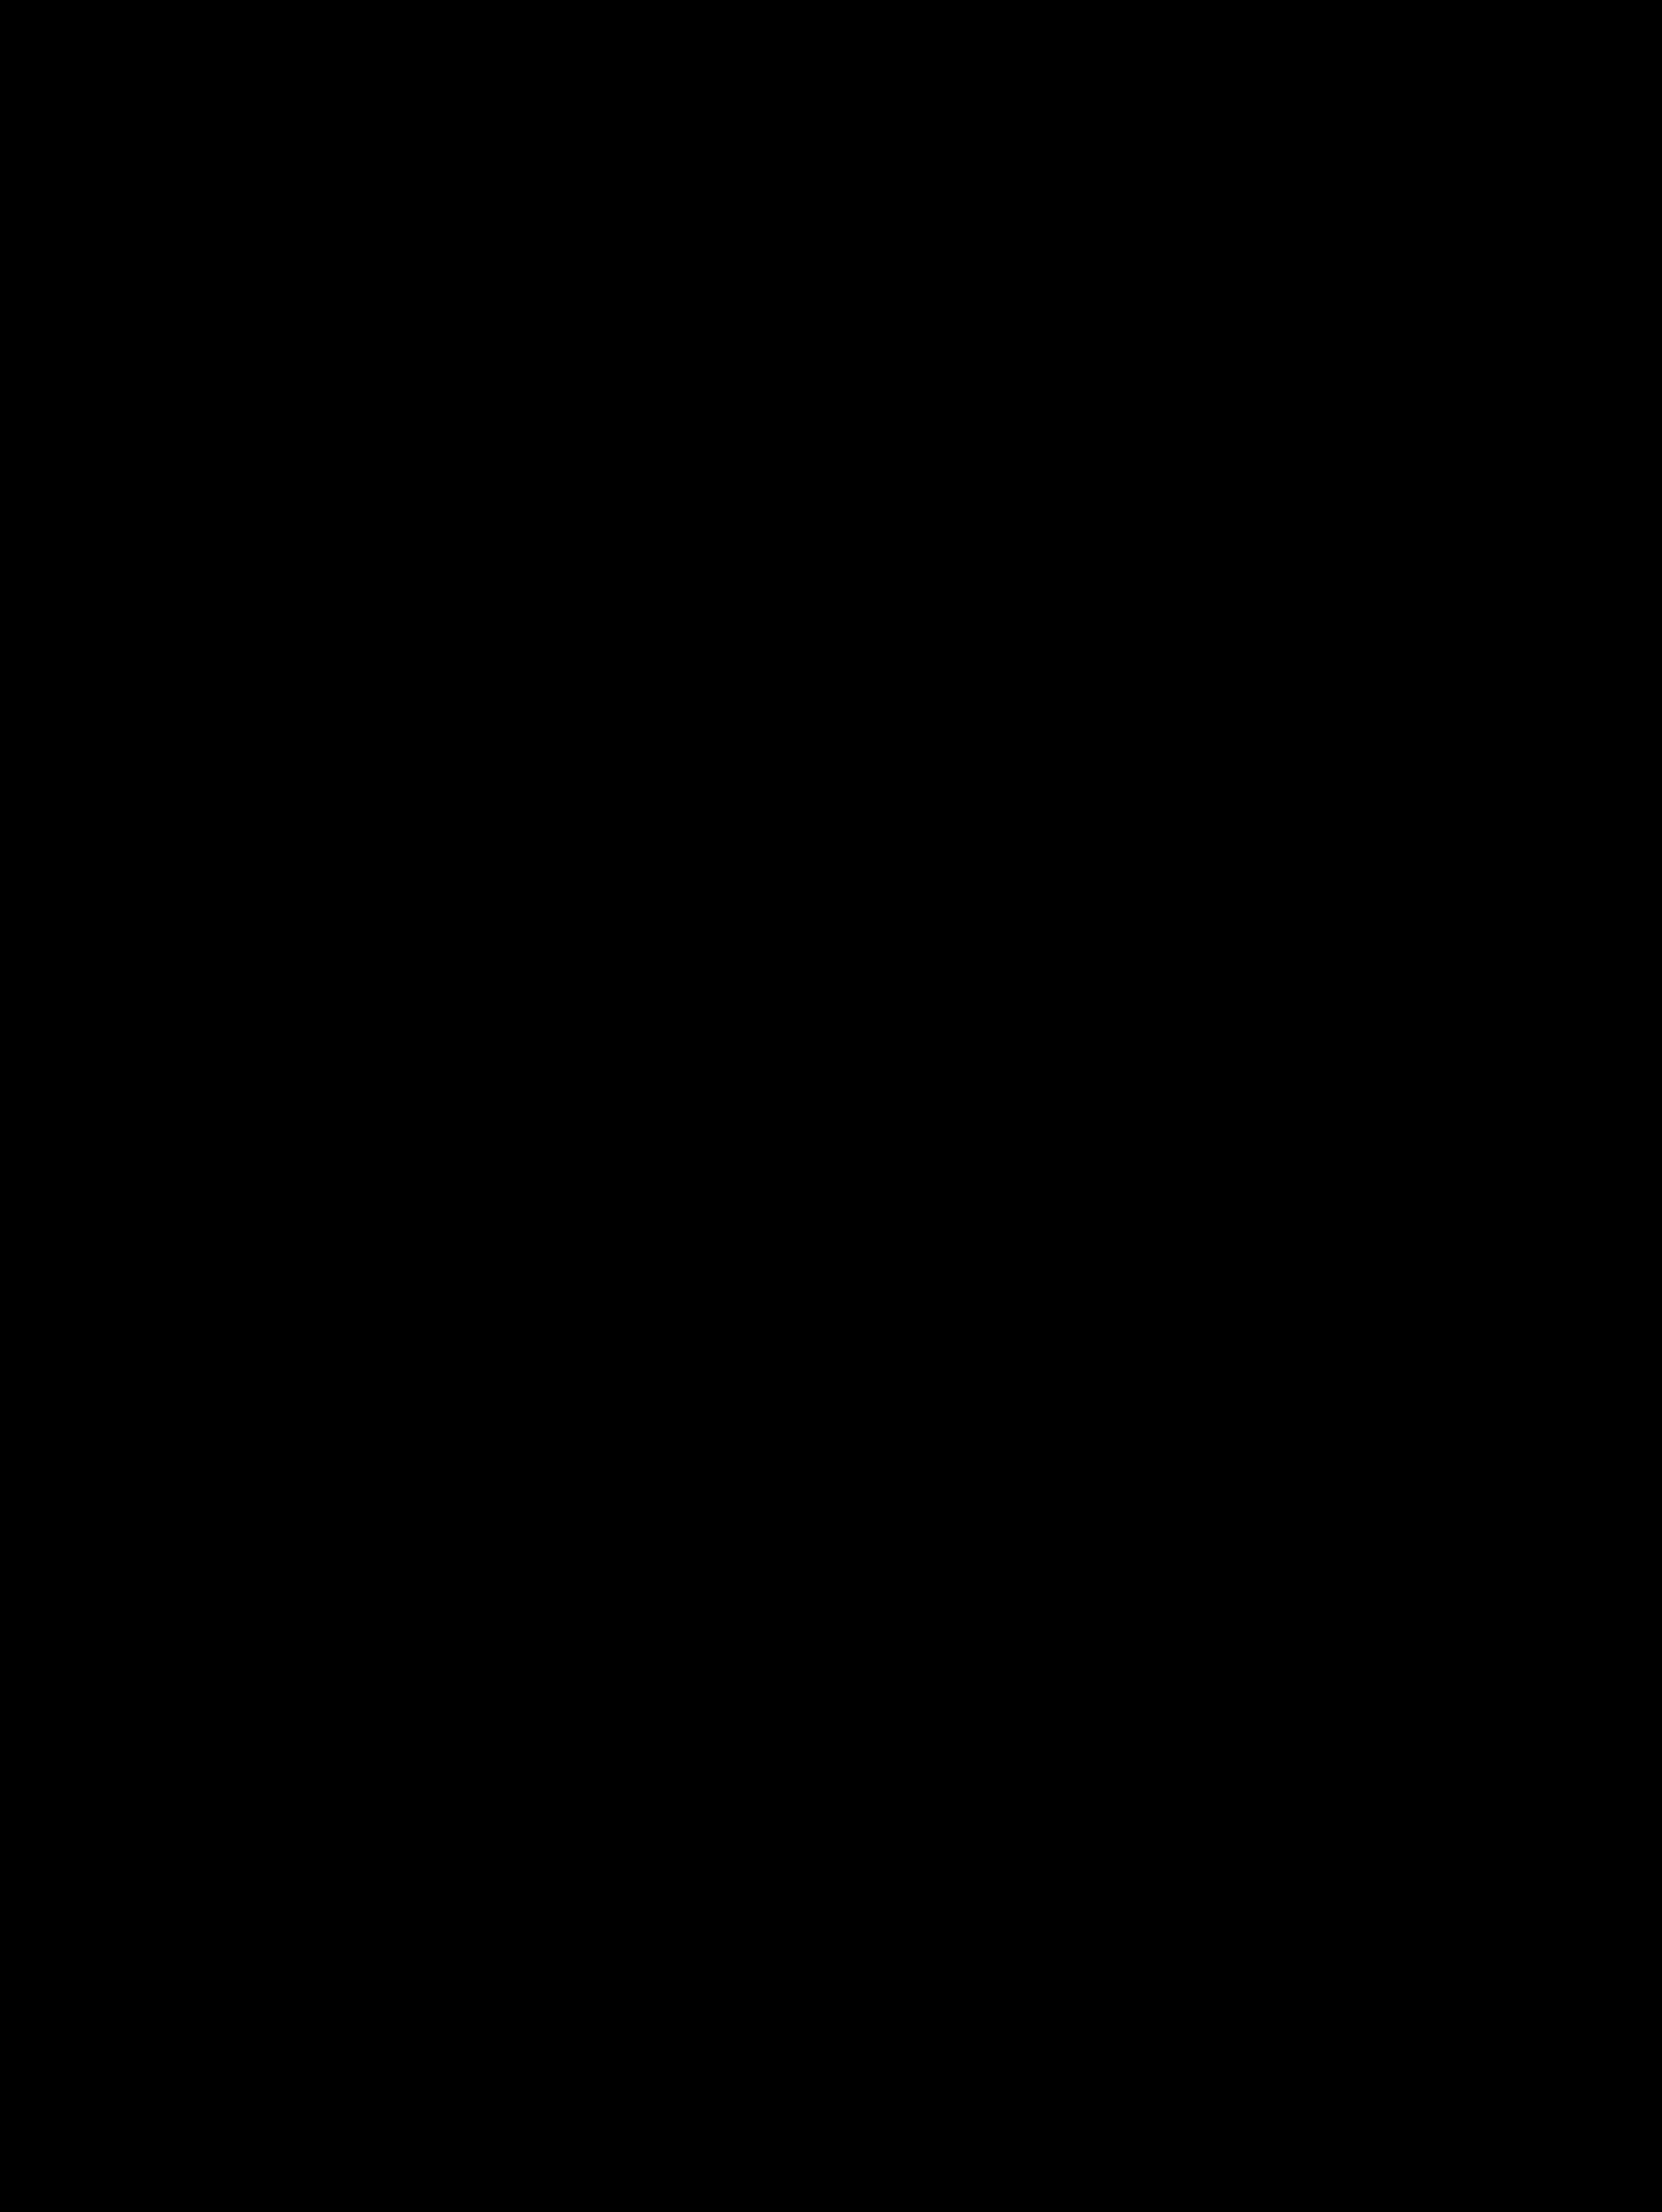 Mercedes Shower Voyeur 2012 05 13 035 xxxxxl ...